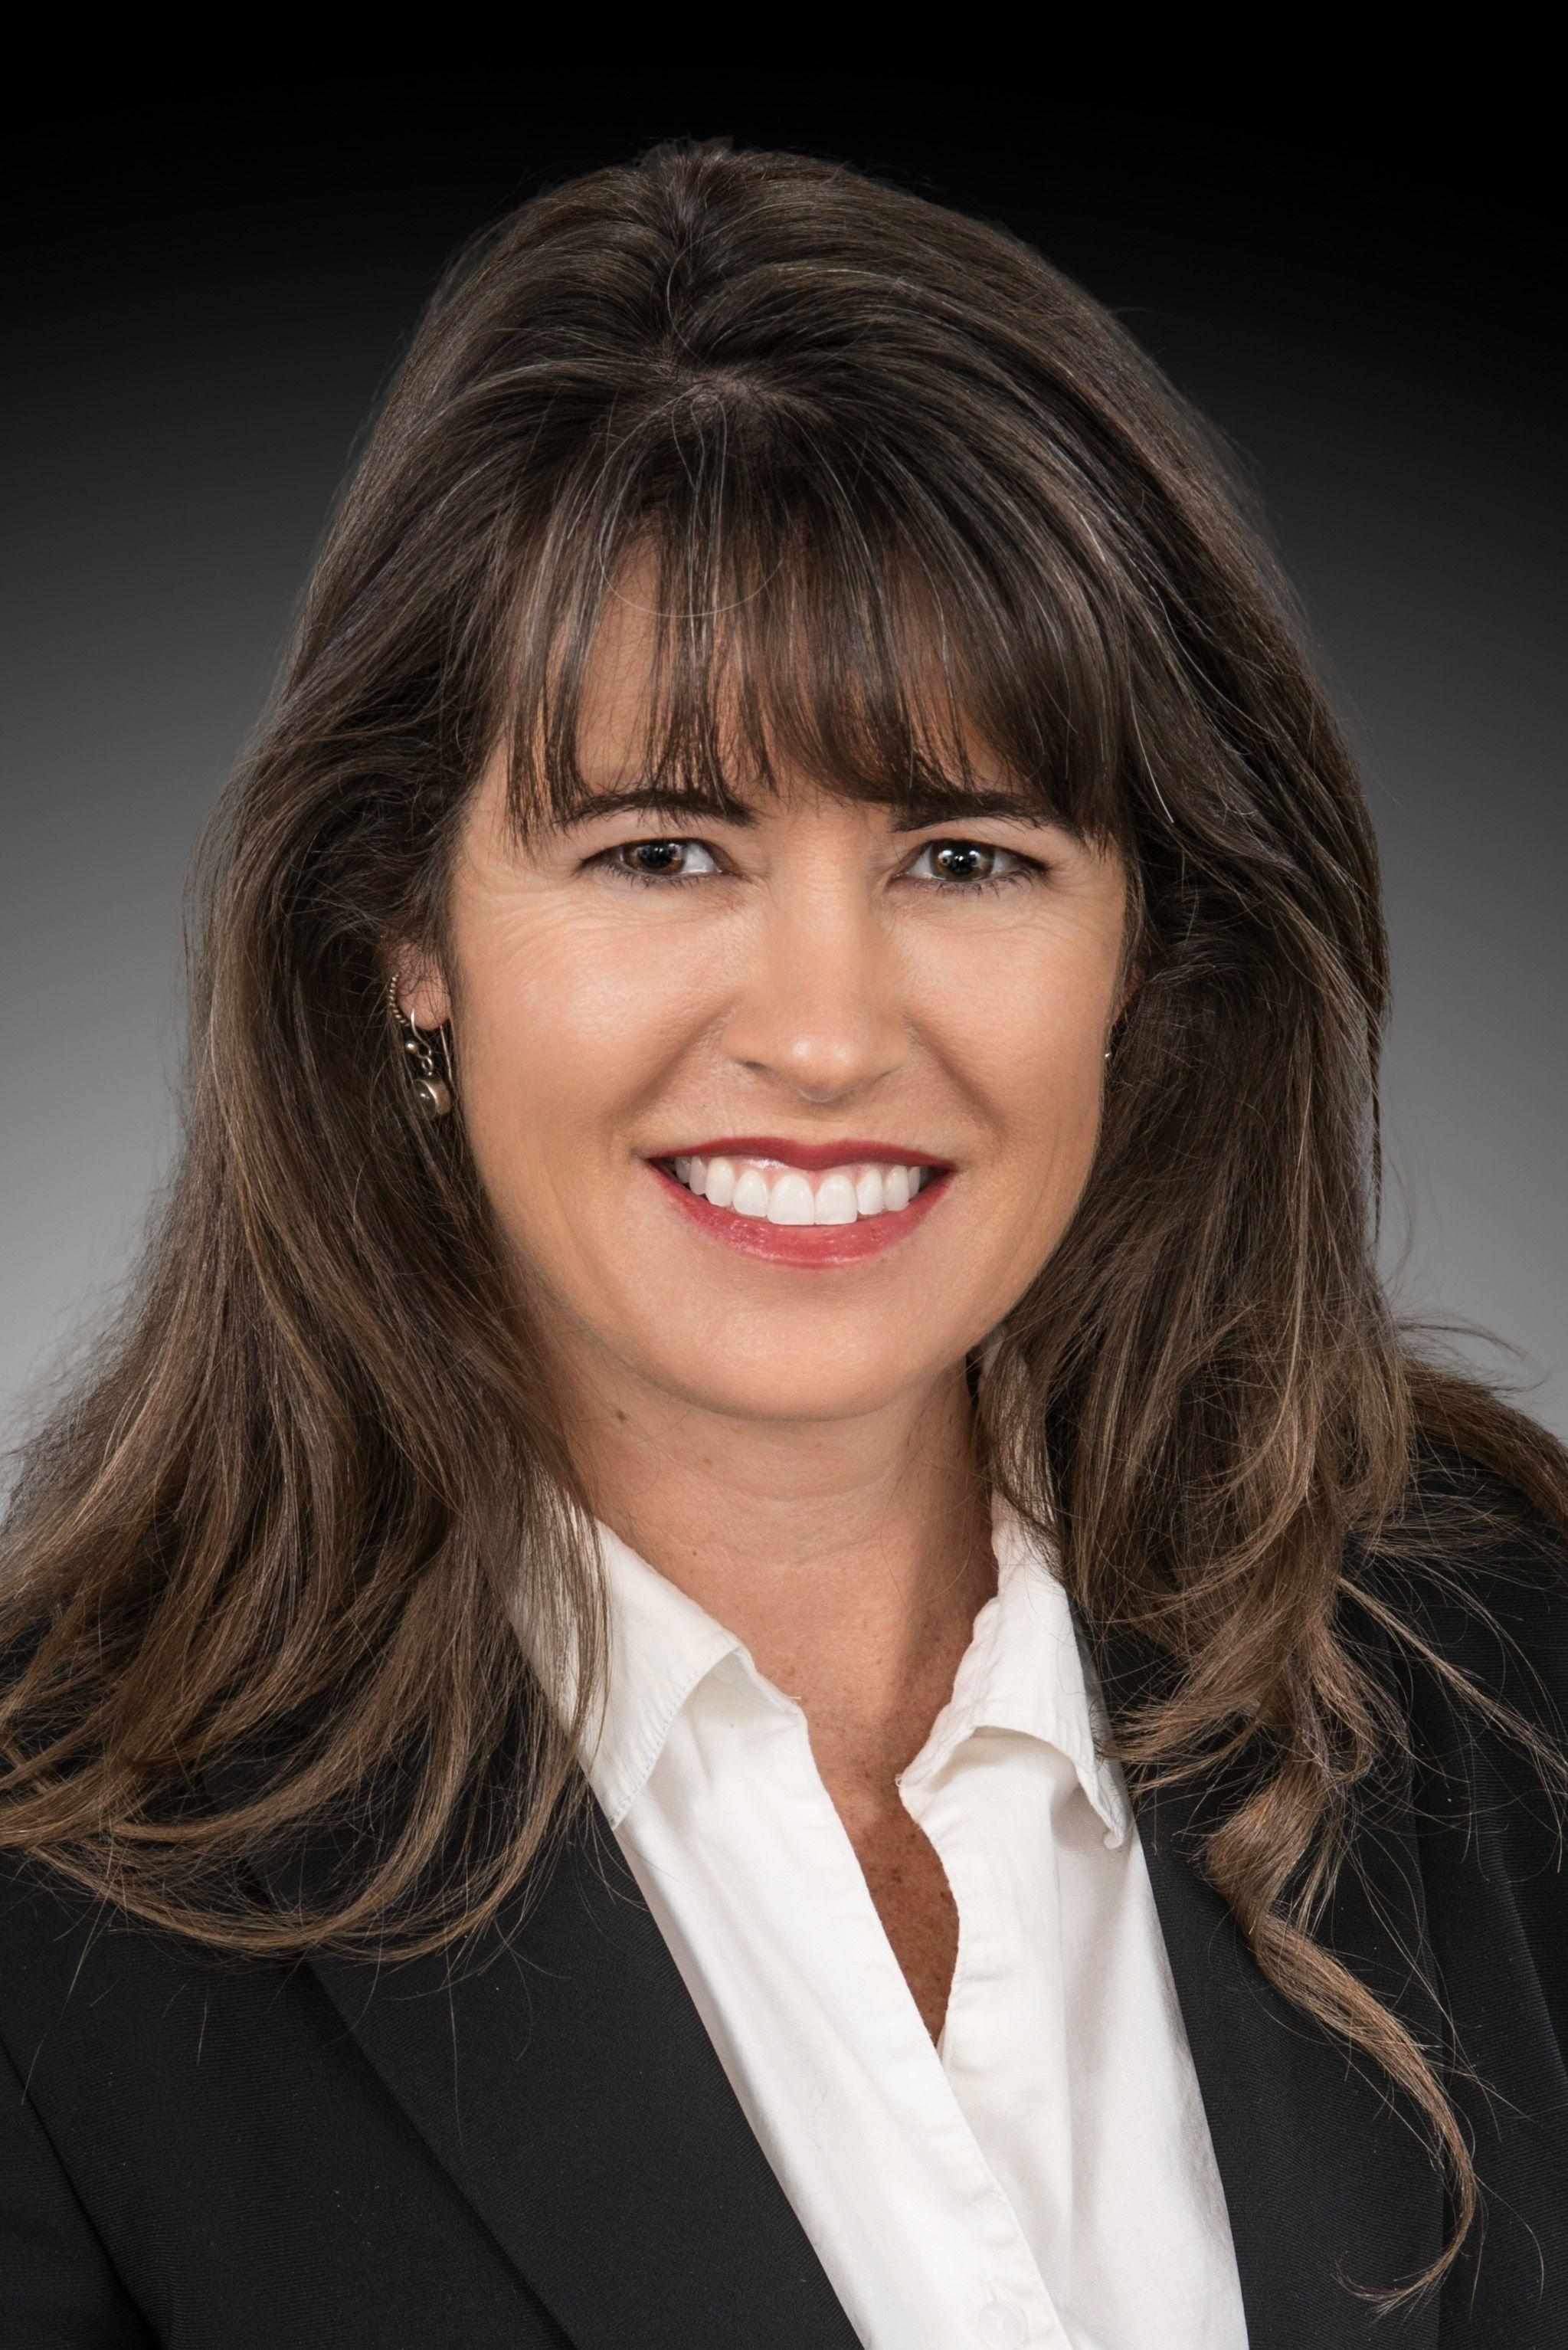 Erica Callfas